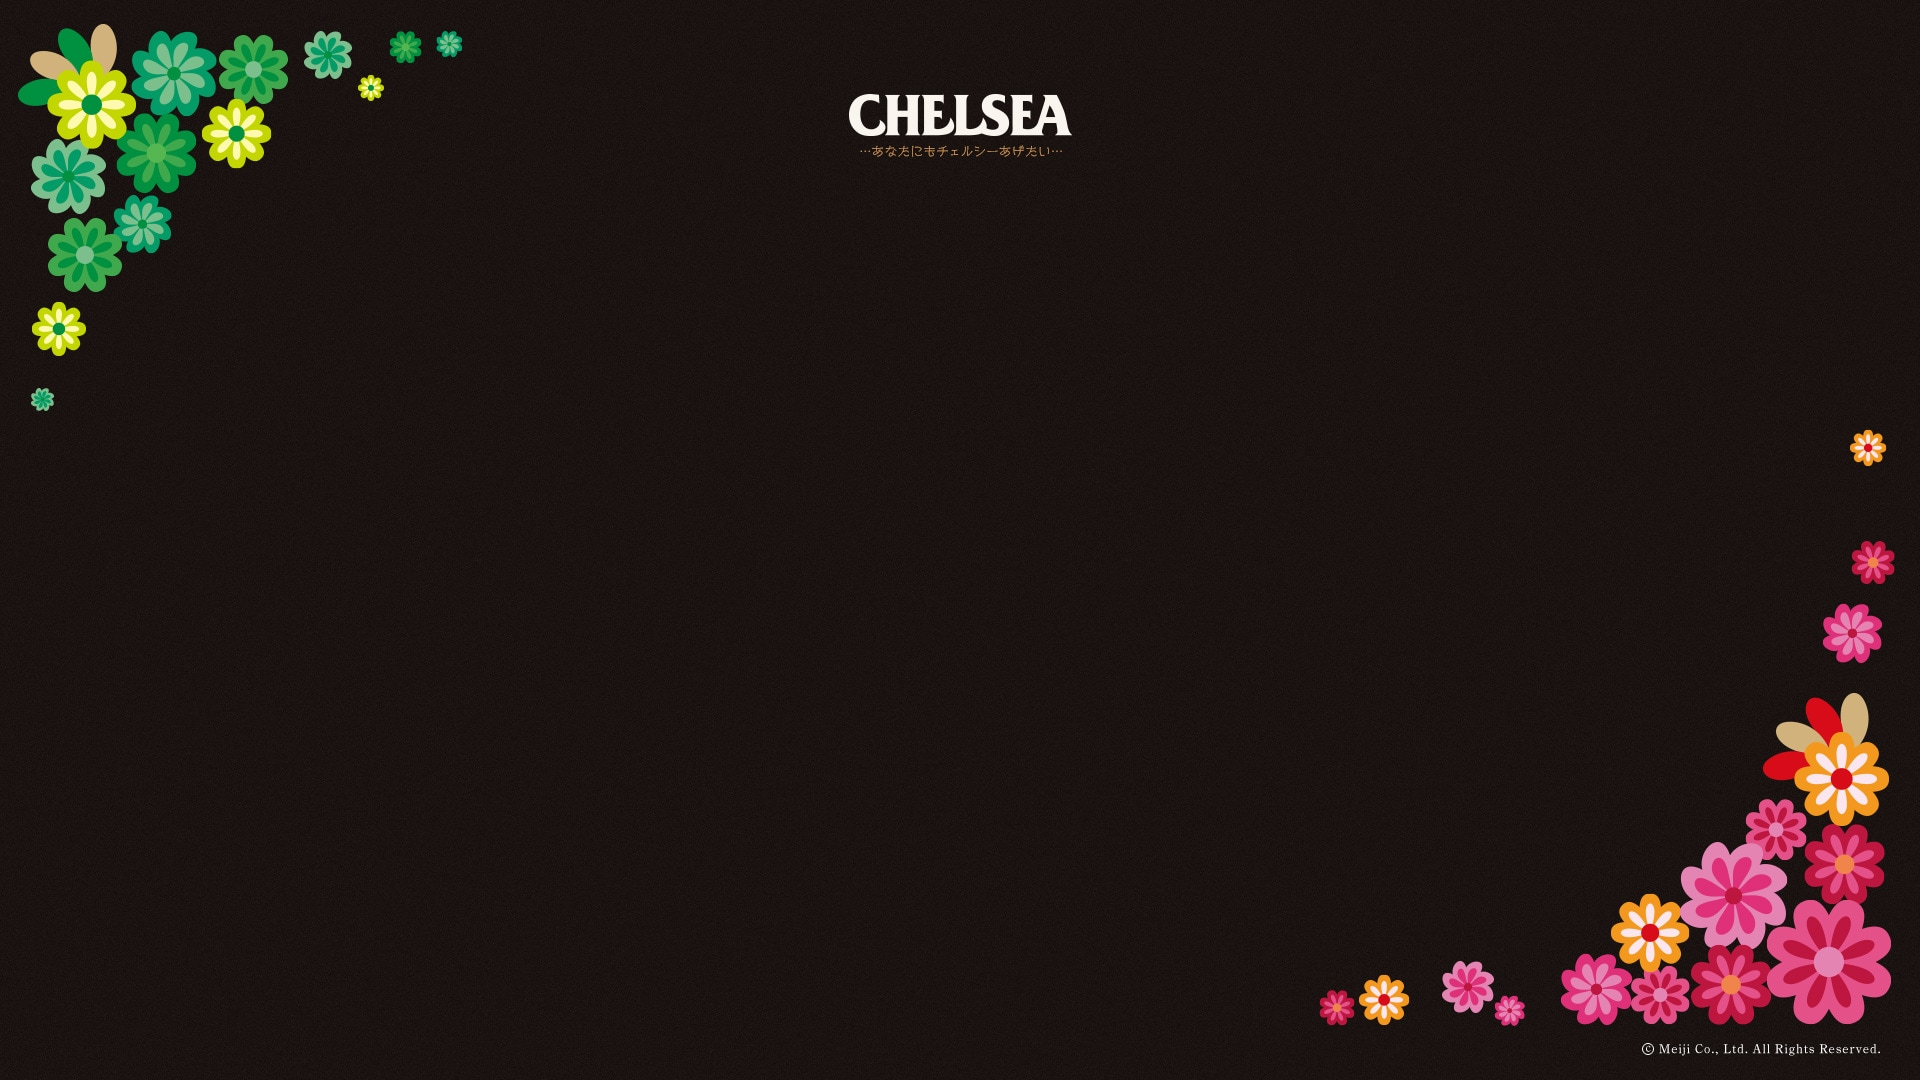 壁紙ダウンロード Chelsea チェルシー 株式会社 明治 Meiji Co